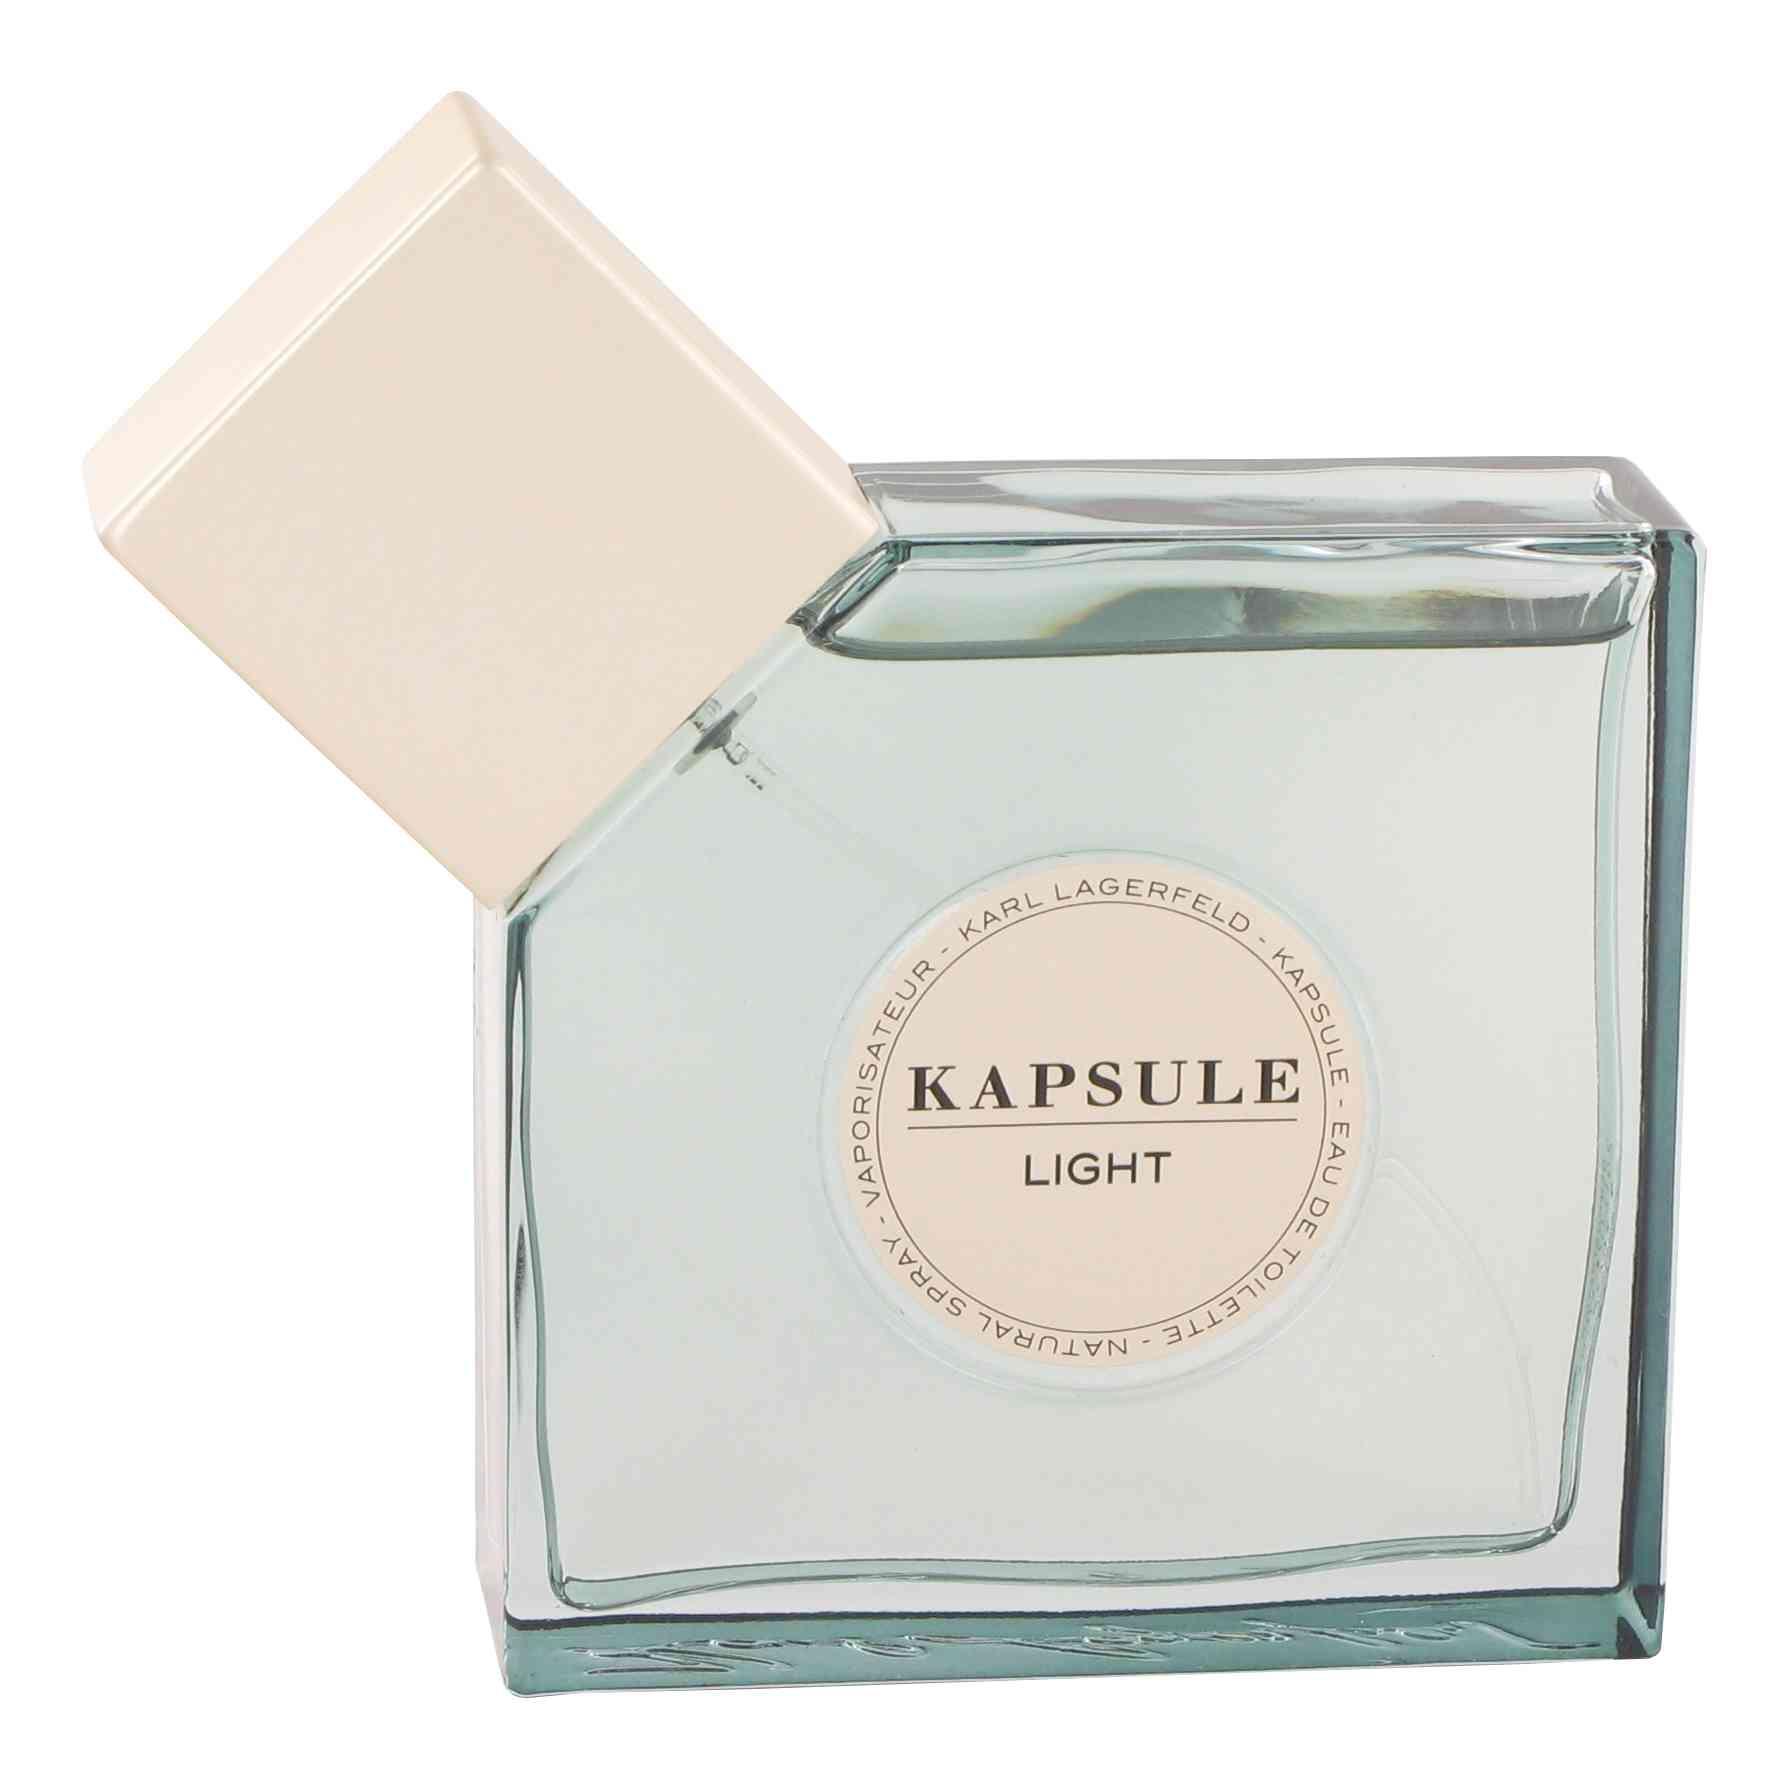 Karl Lagerfeld Kapsule Light - toaletní voda UNI Objem: 30 ml